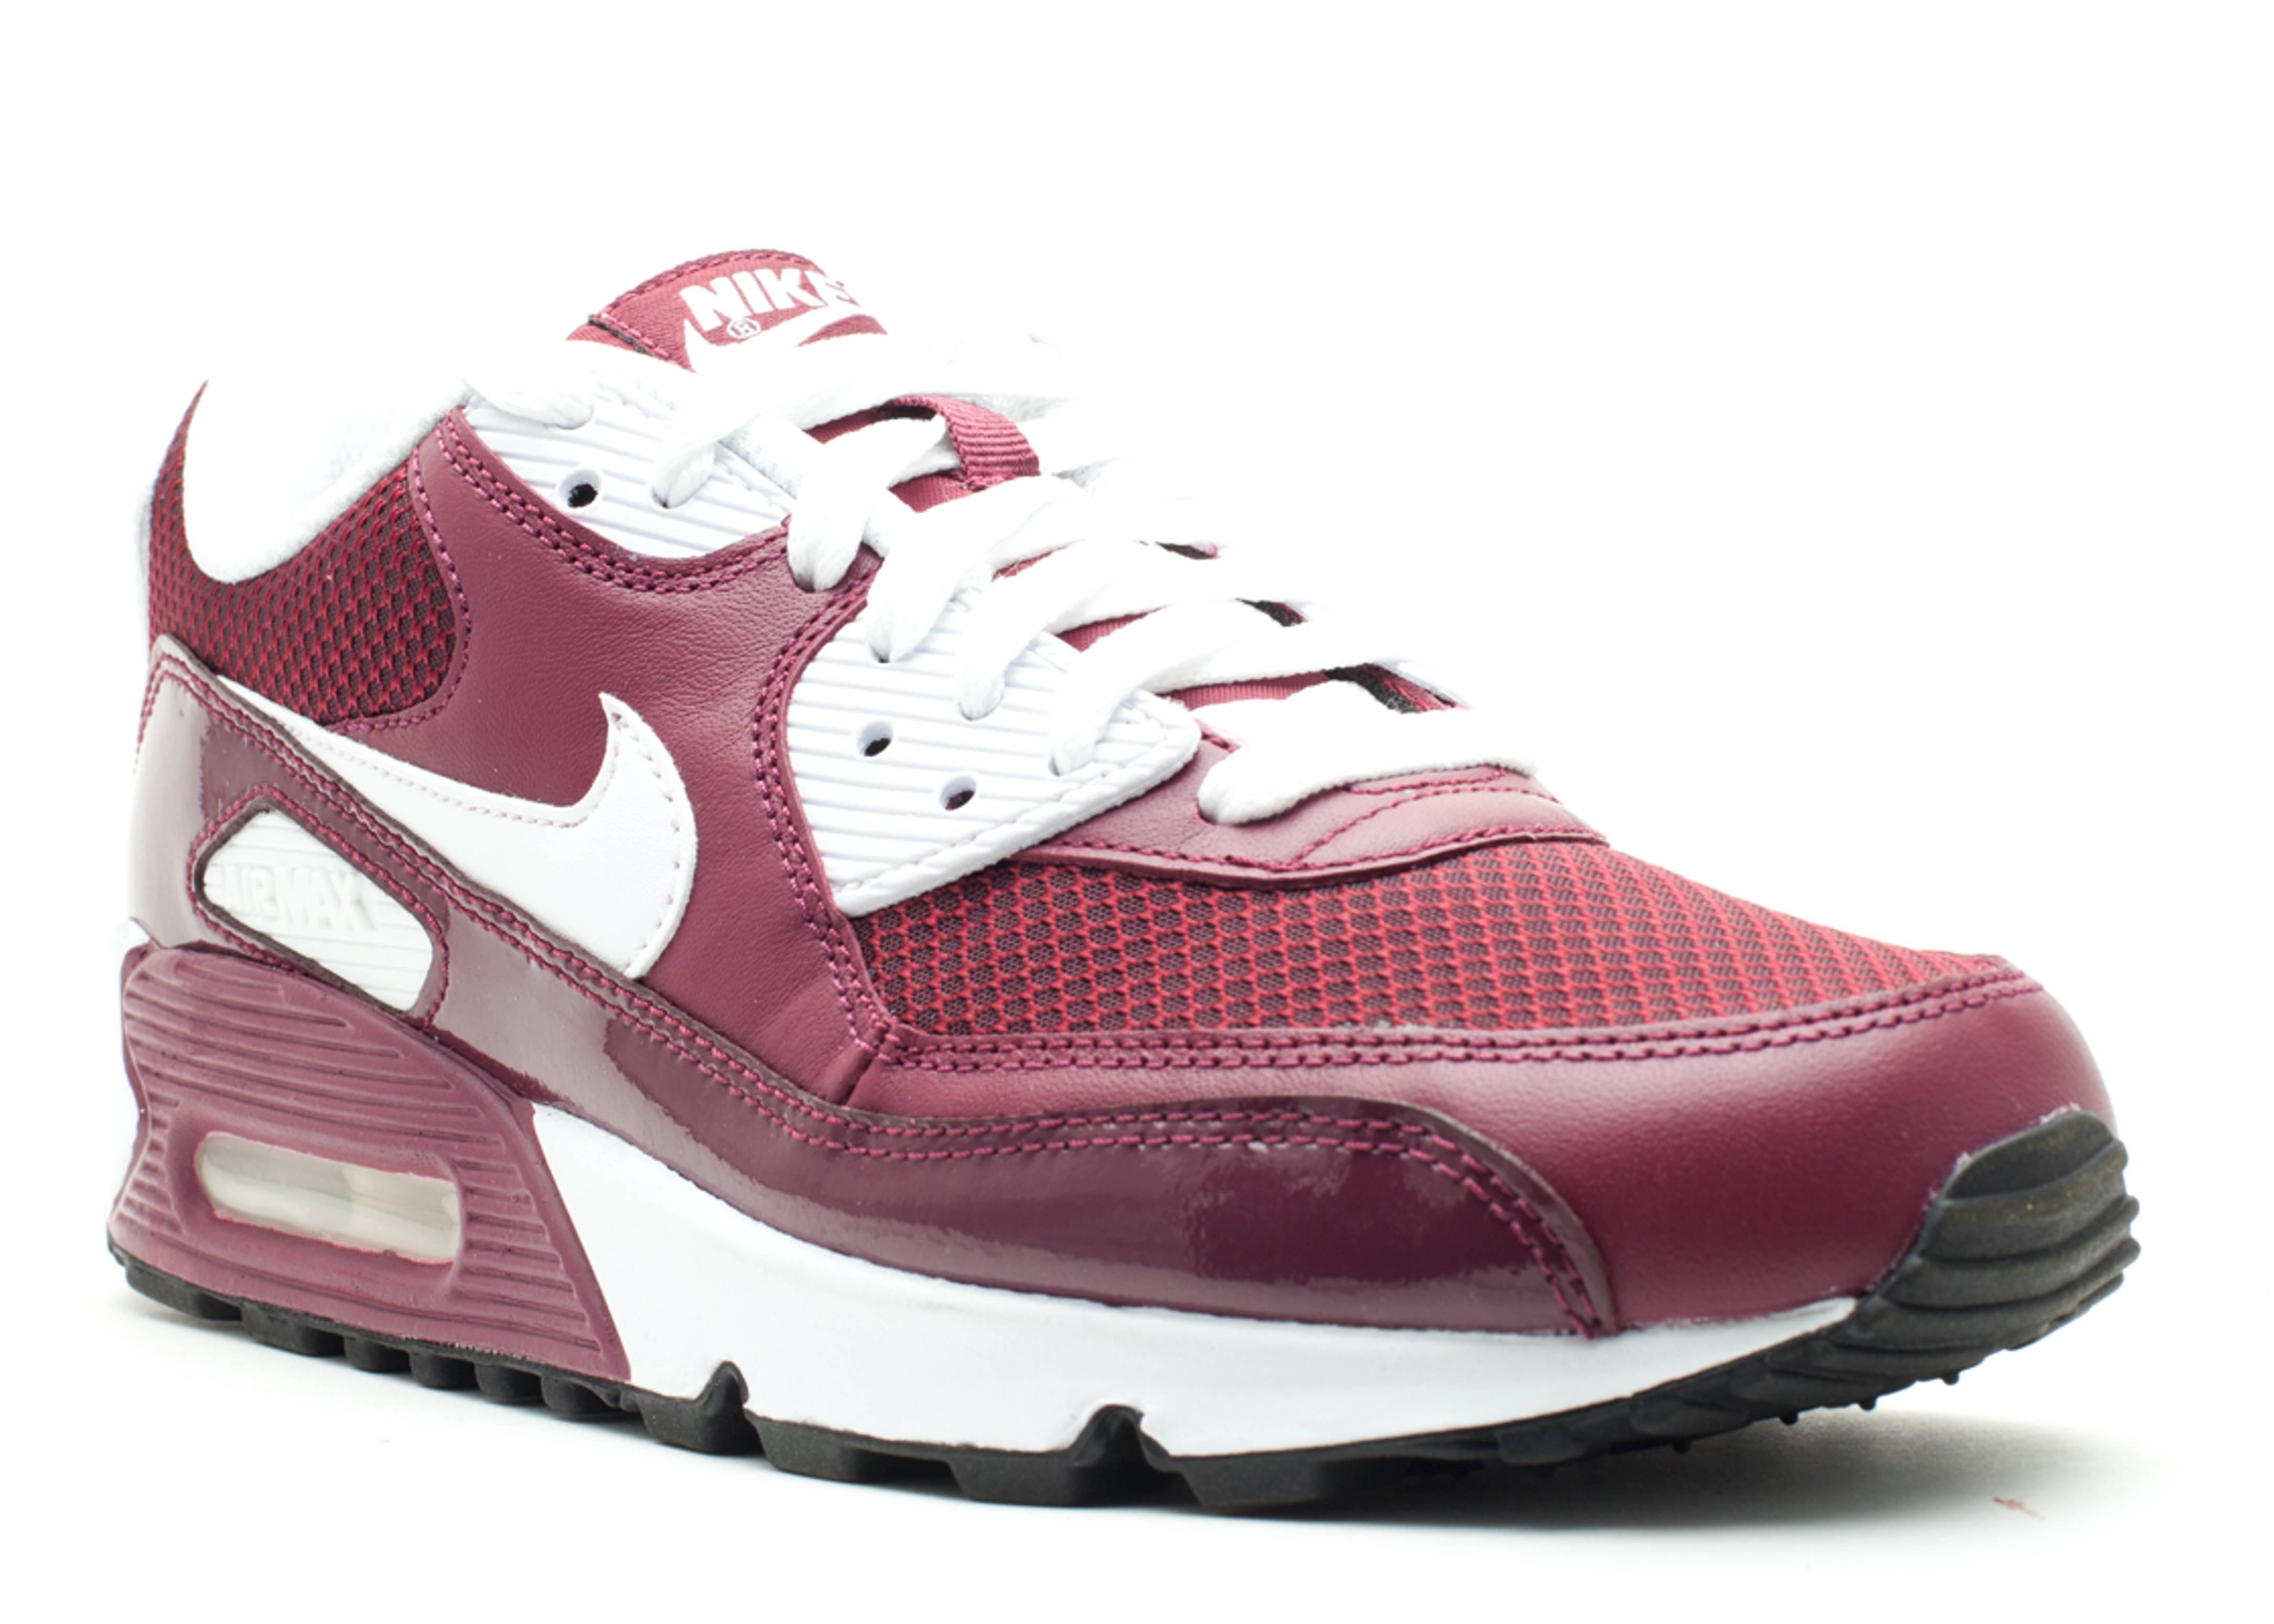 Air Max 90 - Nike - 325018 601 - deep garnet white-anthracite ... 02bd040a3